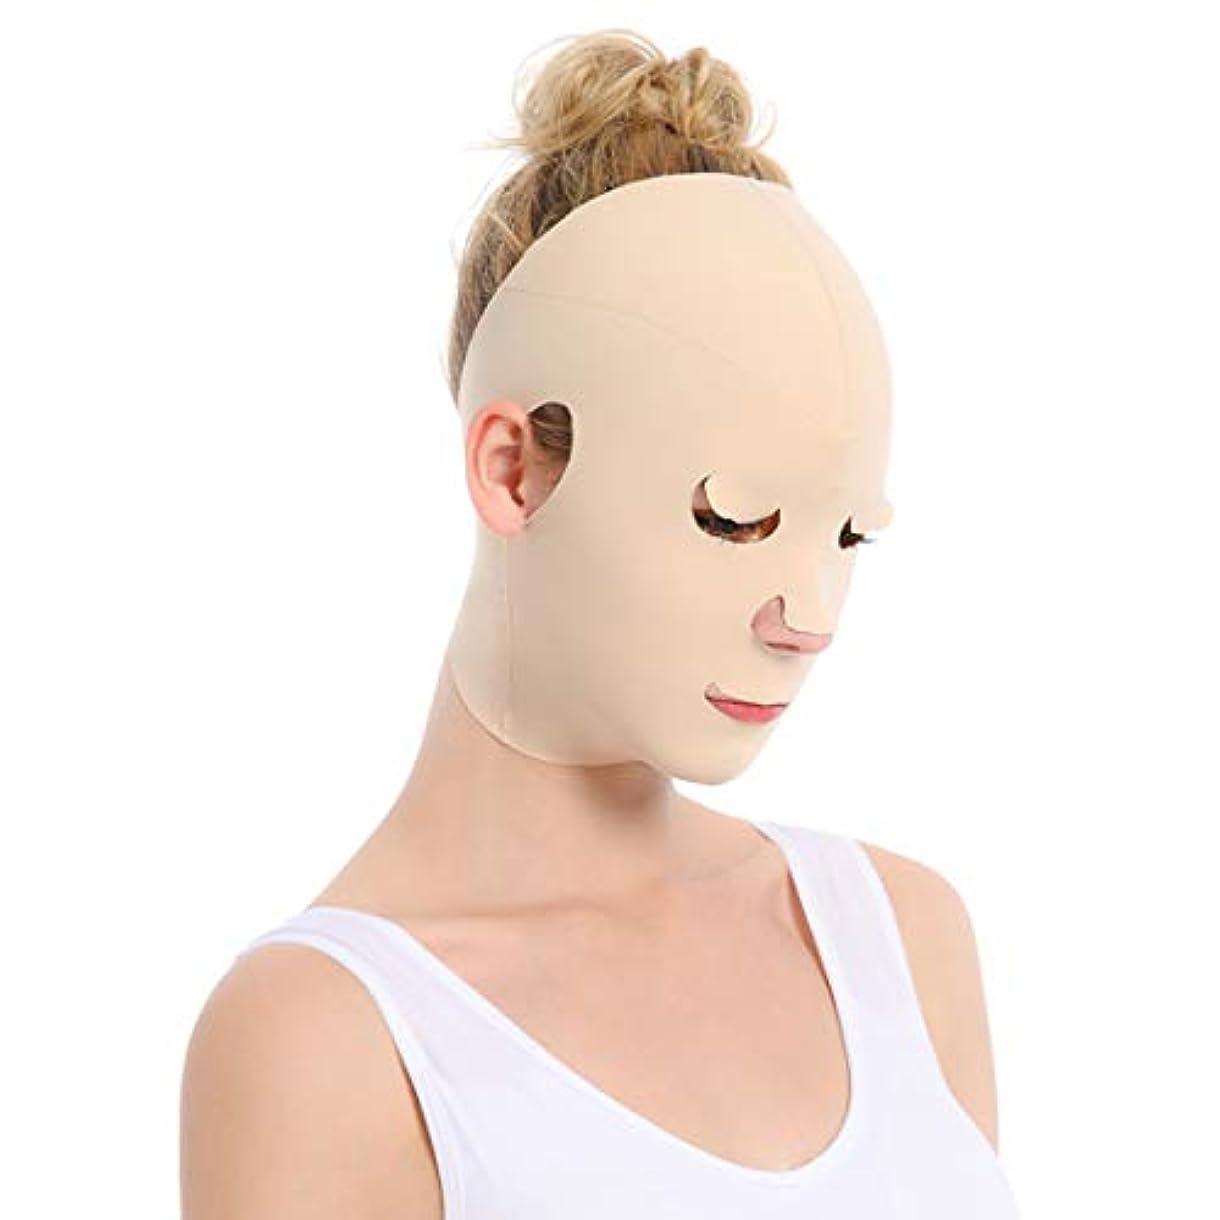 唯一ジェームズダイソンランデブー小顔ベルト フェイスベルト矯正 Vライン 美顏 顎サポーター 顔痩せ フェイスサポータマスク 男女兼用